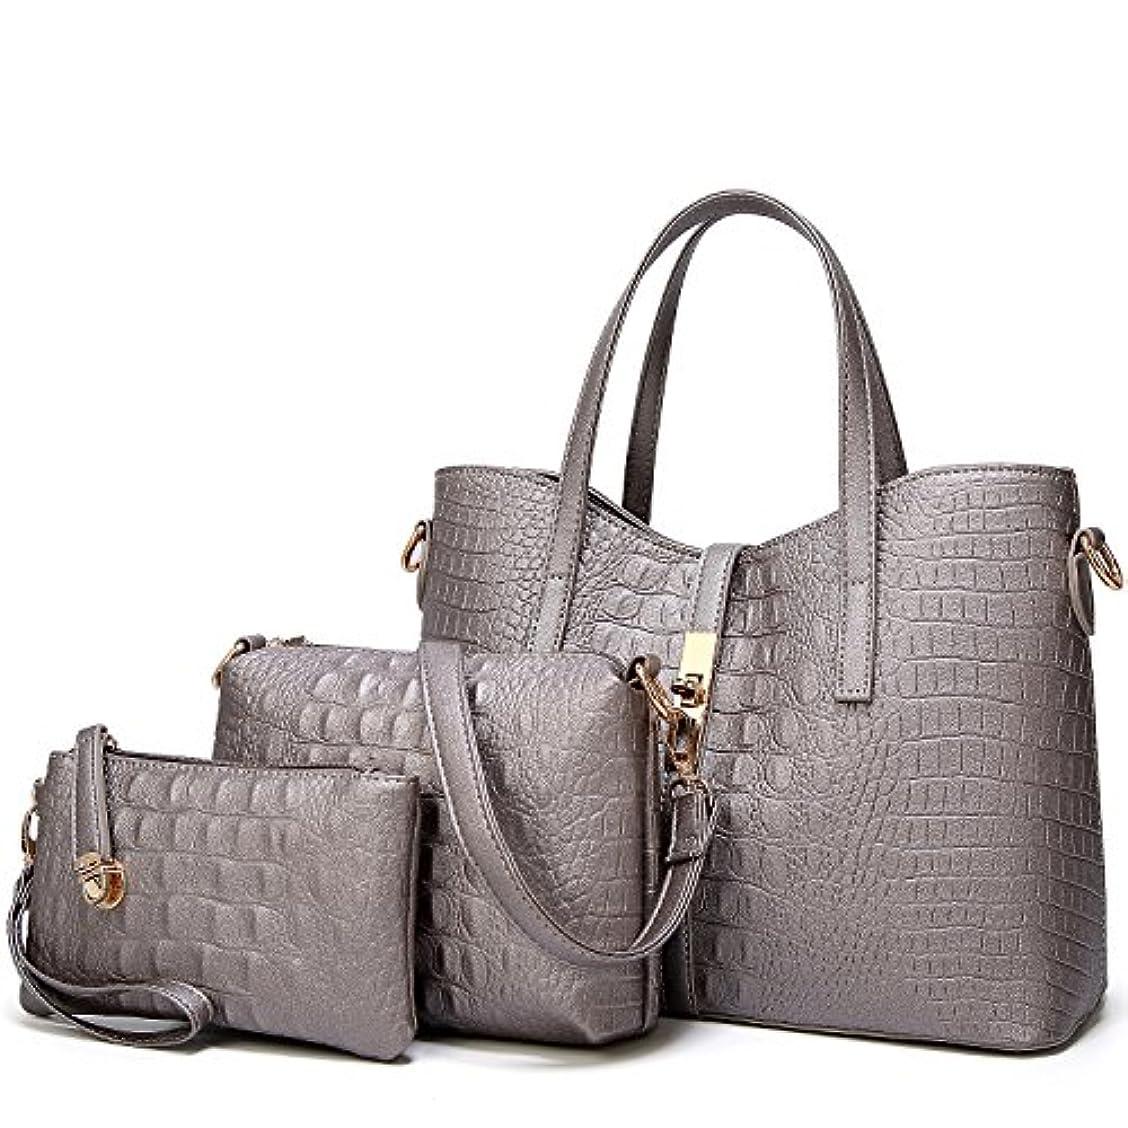 上院議員値カスタム[TcIFE] ハンドバッグ レディース トートバッグ 大容量 無地 ショルダーバッグ 2way 財布とハンドバッグ